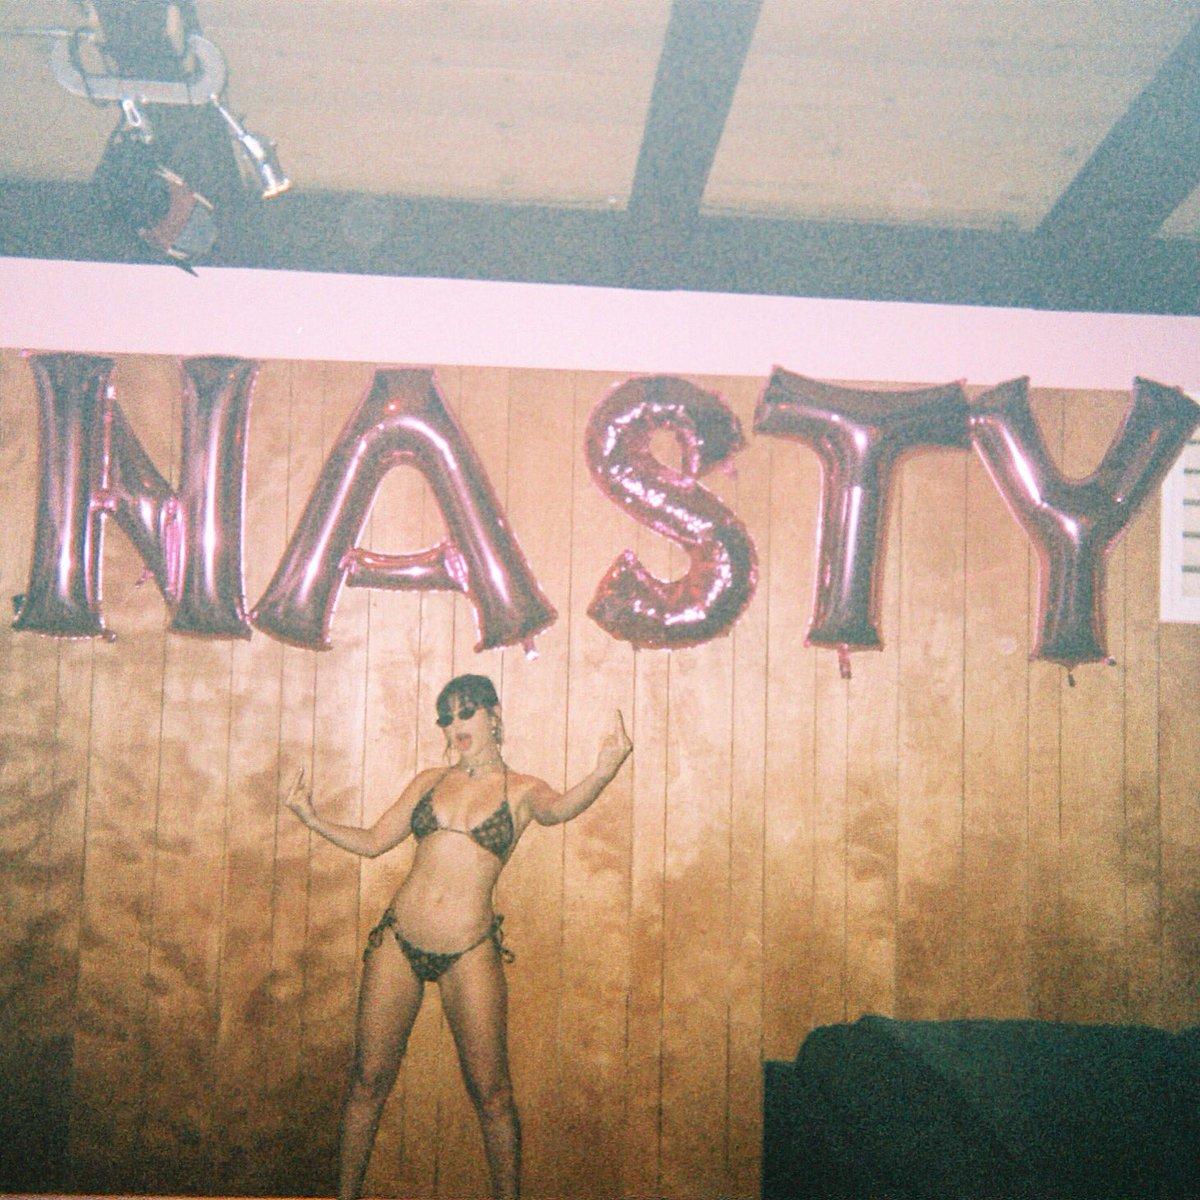 Topless heidi klum nude